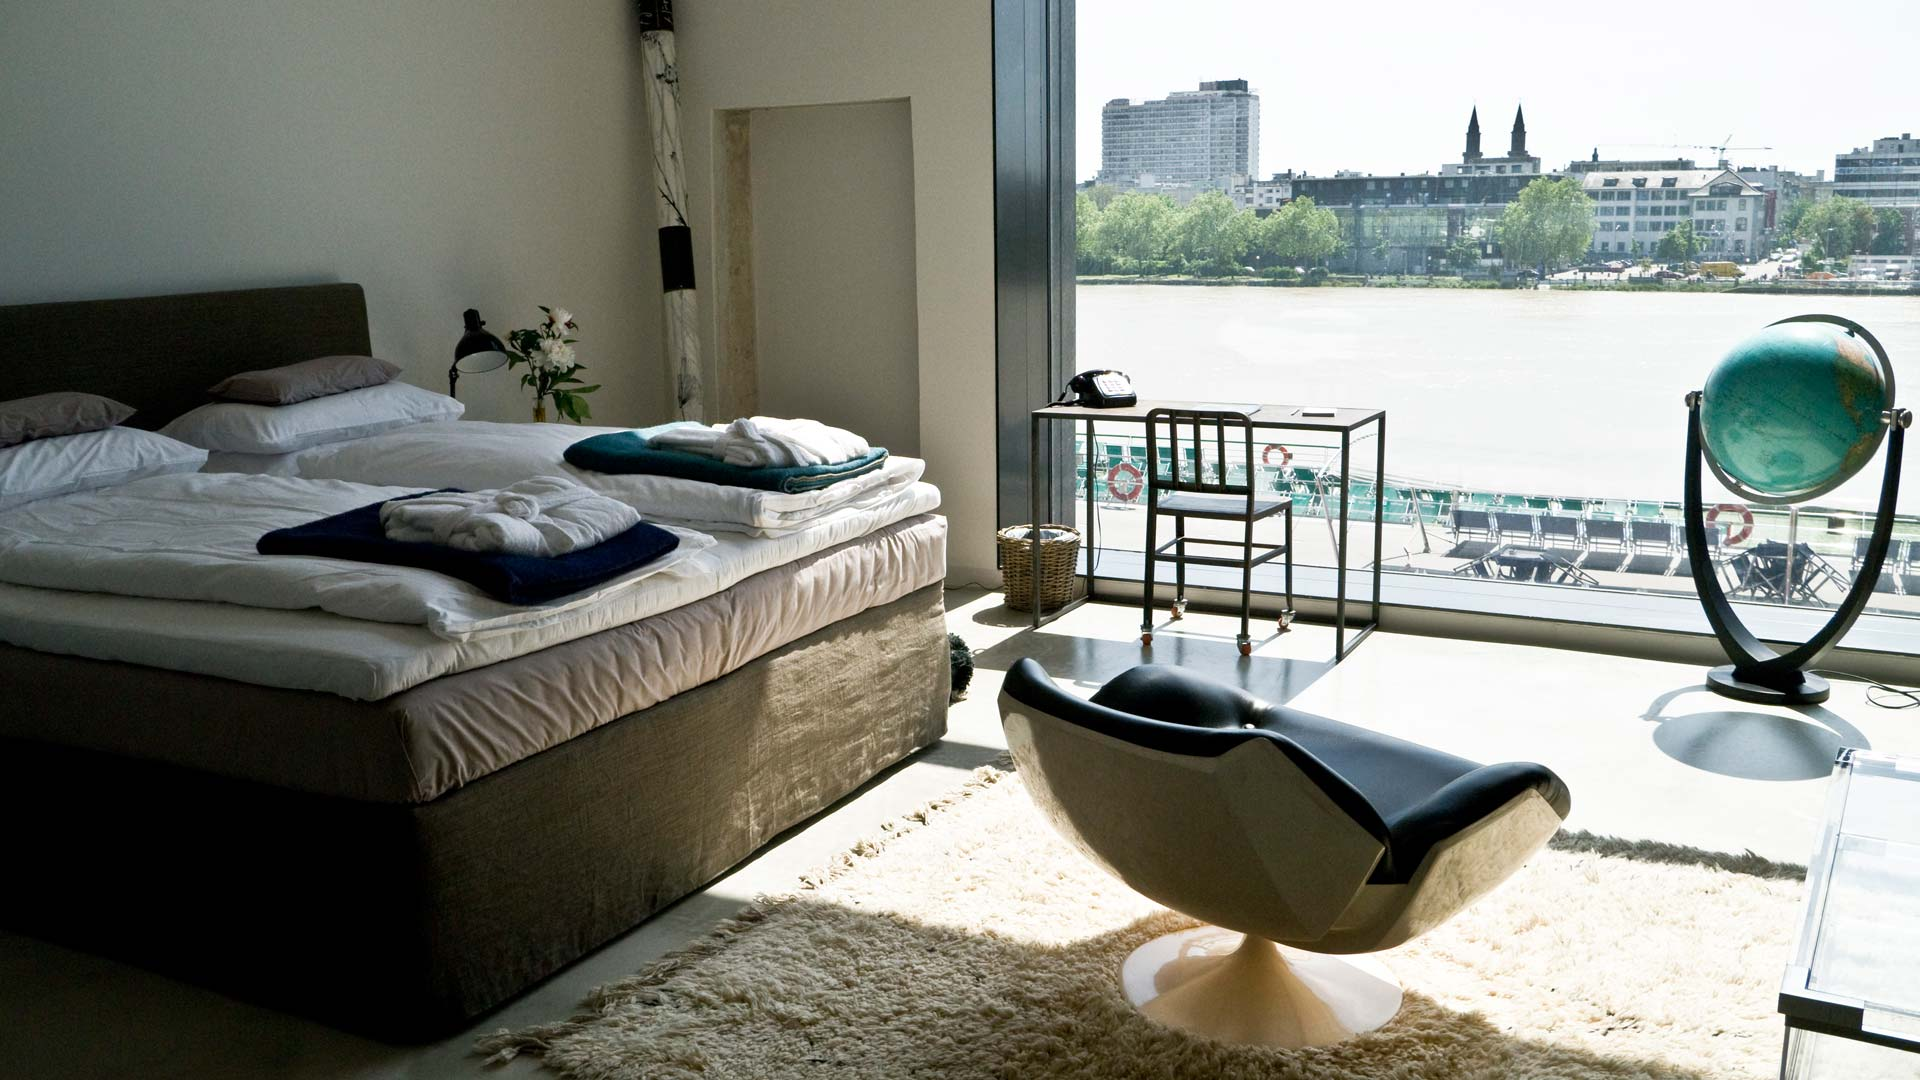 Destinazioni design in europa le foto delle pi belle for Design hotel speicher 7